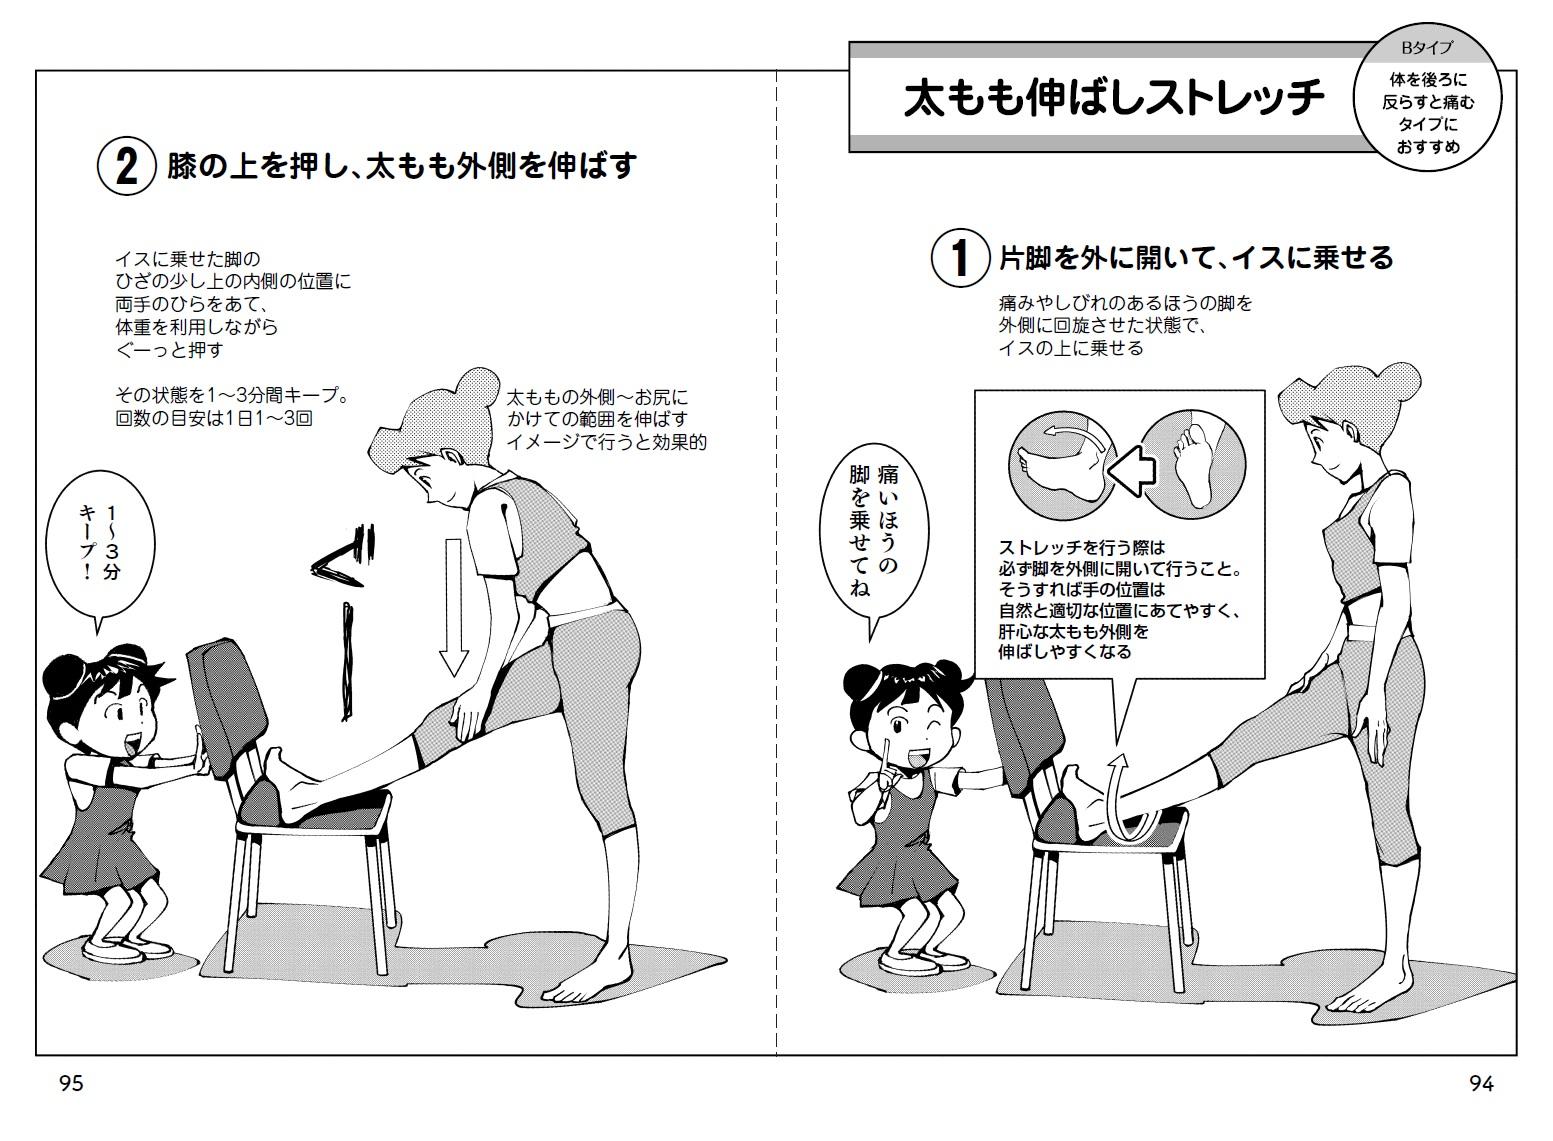 「腰痛解消に効果的なセルフケア方法を、マンガでわかりやすく表現」紙面